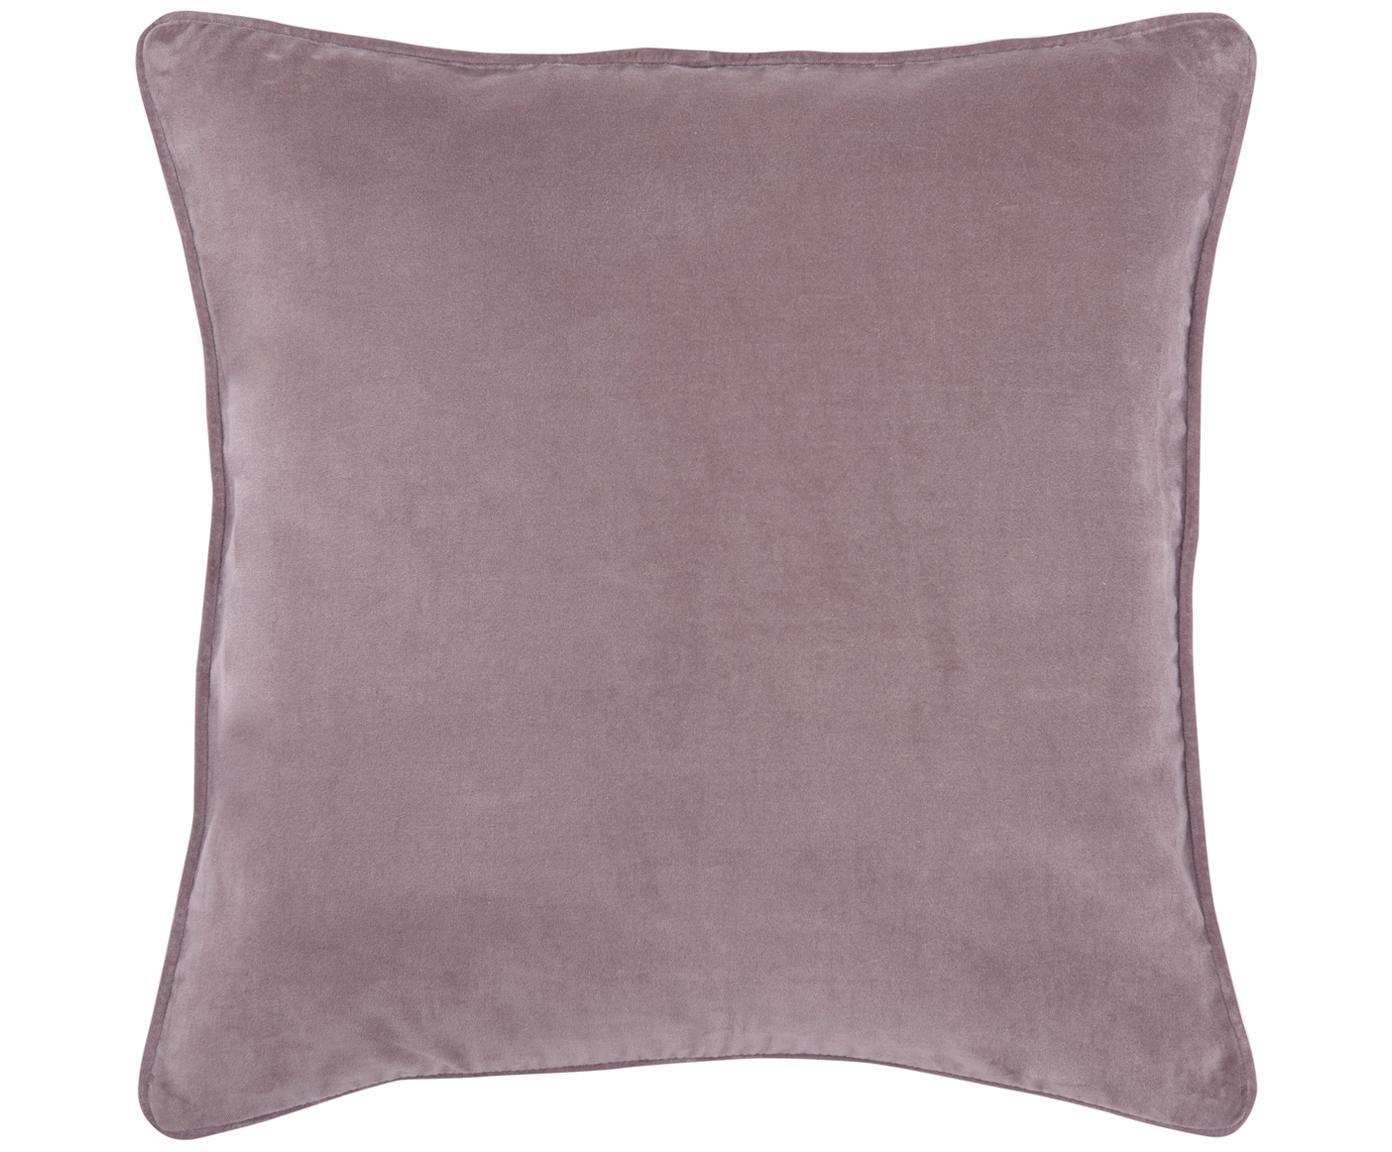 Federa arredo in velluto in rosa cipria Dana, Velluto di cotone, Rosa cipria, Larg. 40 x Lung. 40 cm